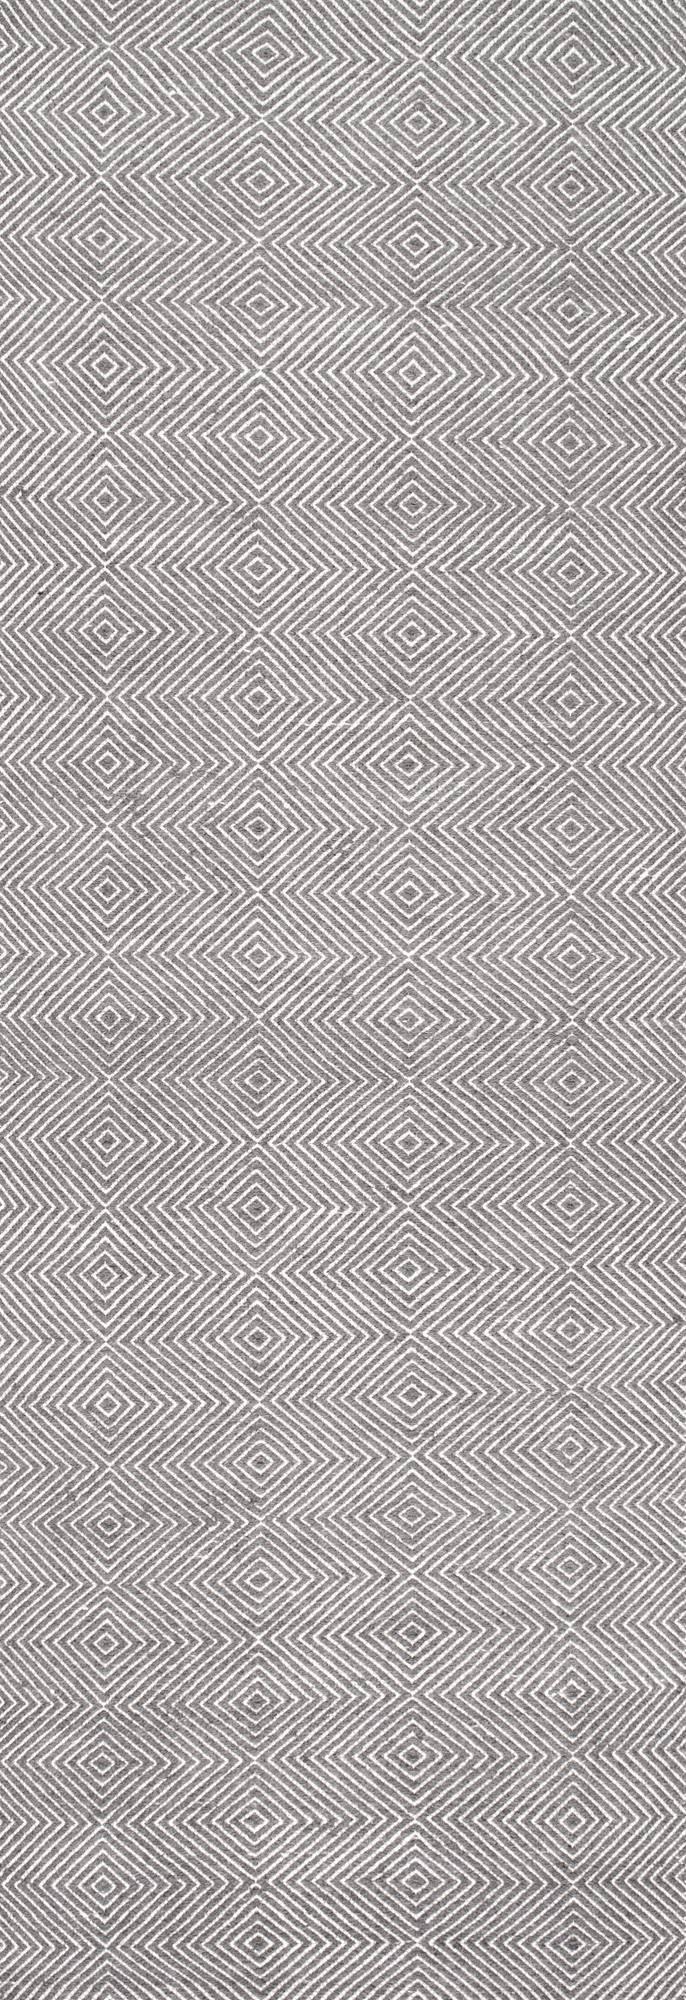 nuLOOM Handmade Fancy Trellis Wool Paddle Runner Area Rugs, 2' 6'' x 8', Grey by nuLOOM (Image #2)